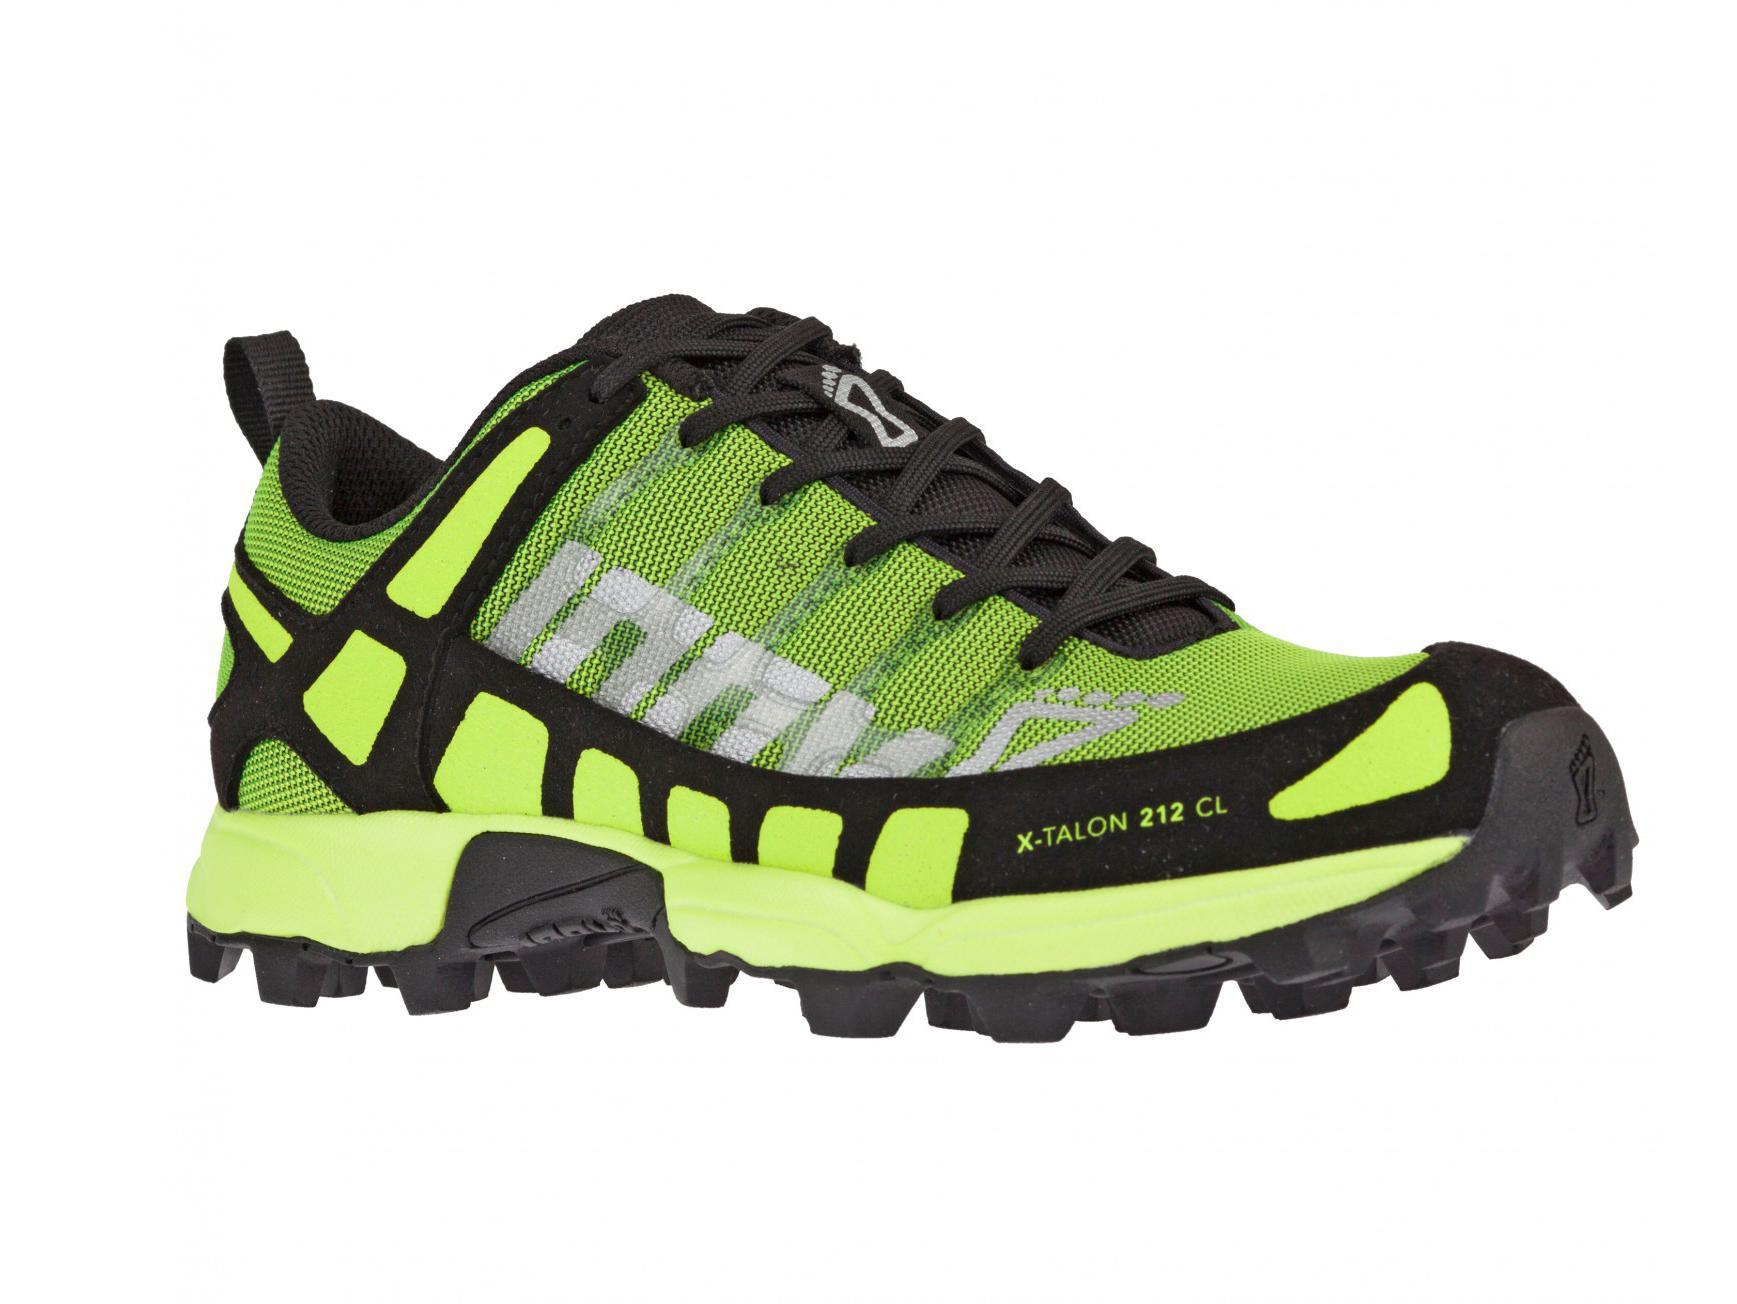 Best kids' running shoes 2020